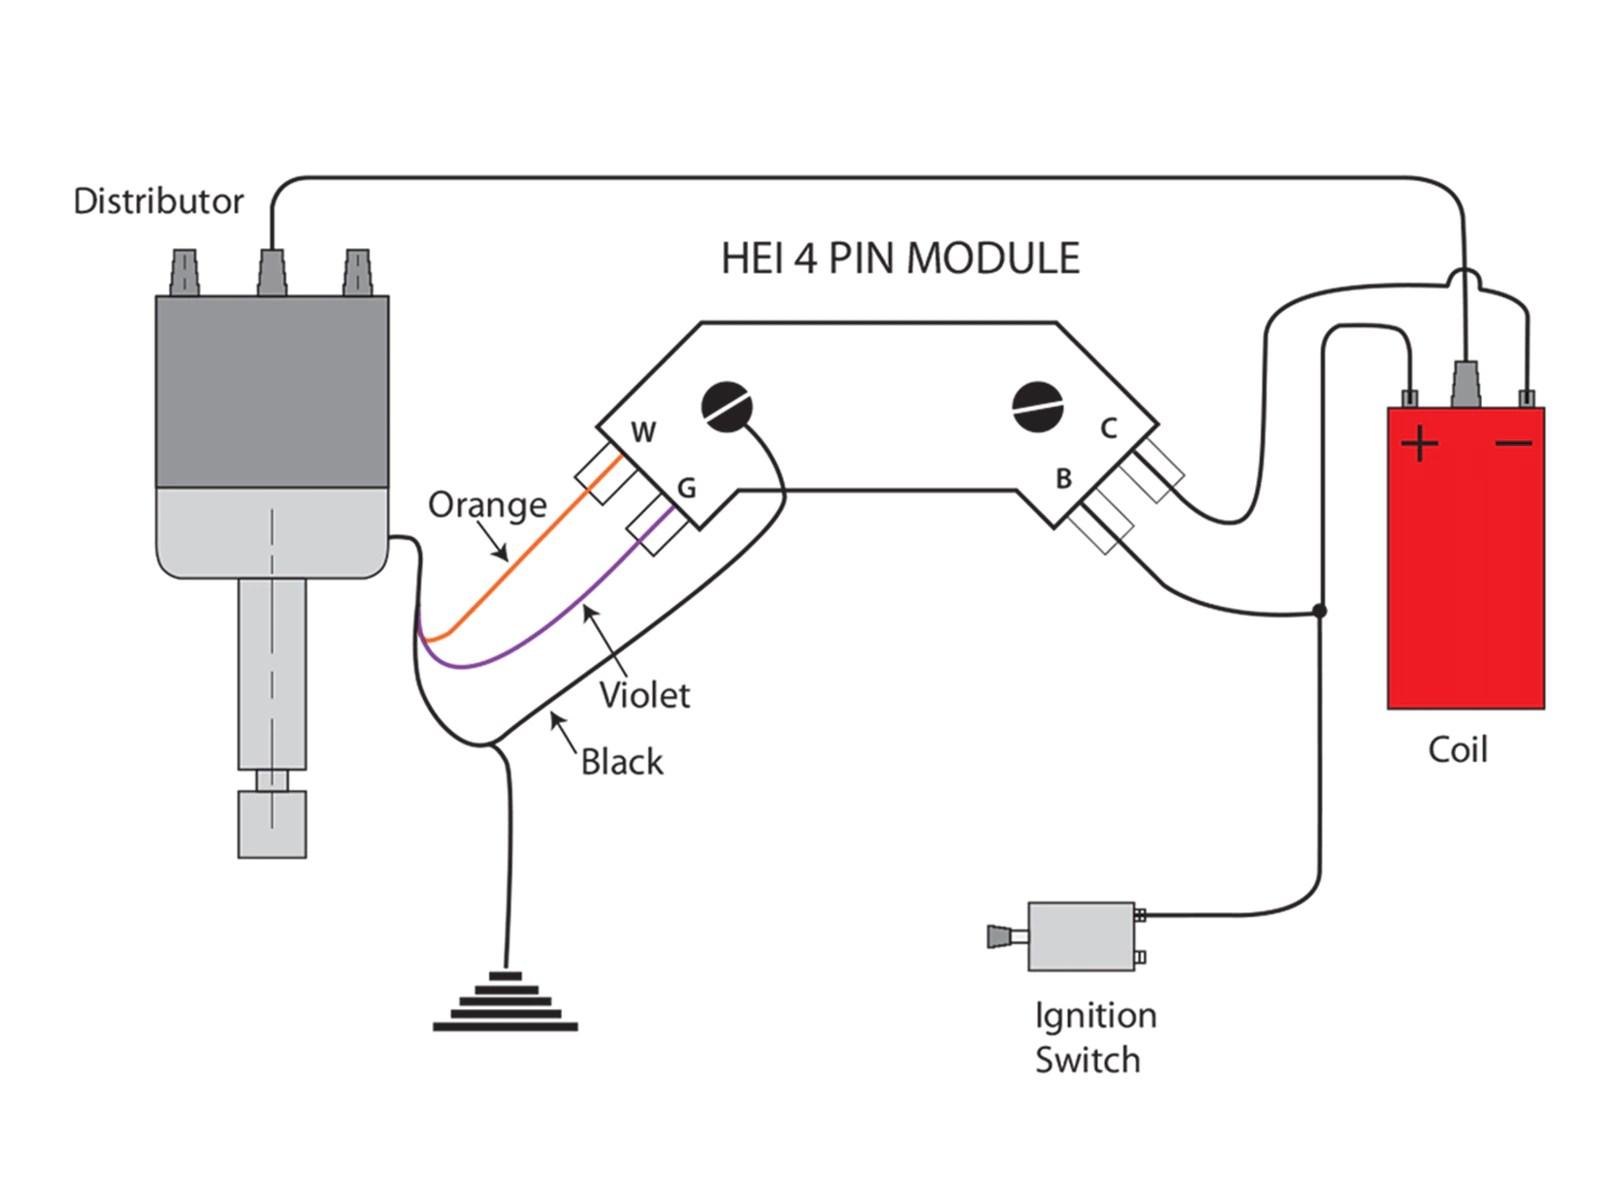 hei starter wiring diagram wiring diagram 2019chevy starter solenoid wiring diagram hei th q gm wiring hei hook upchevy starter wiring diagram